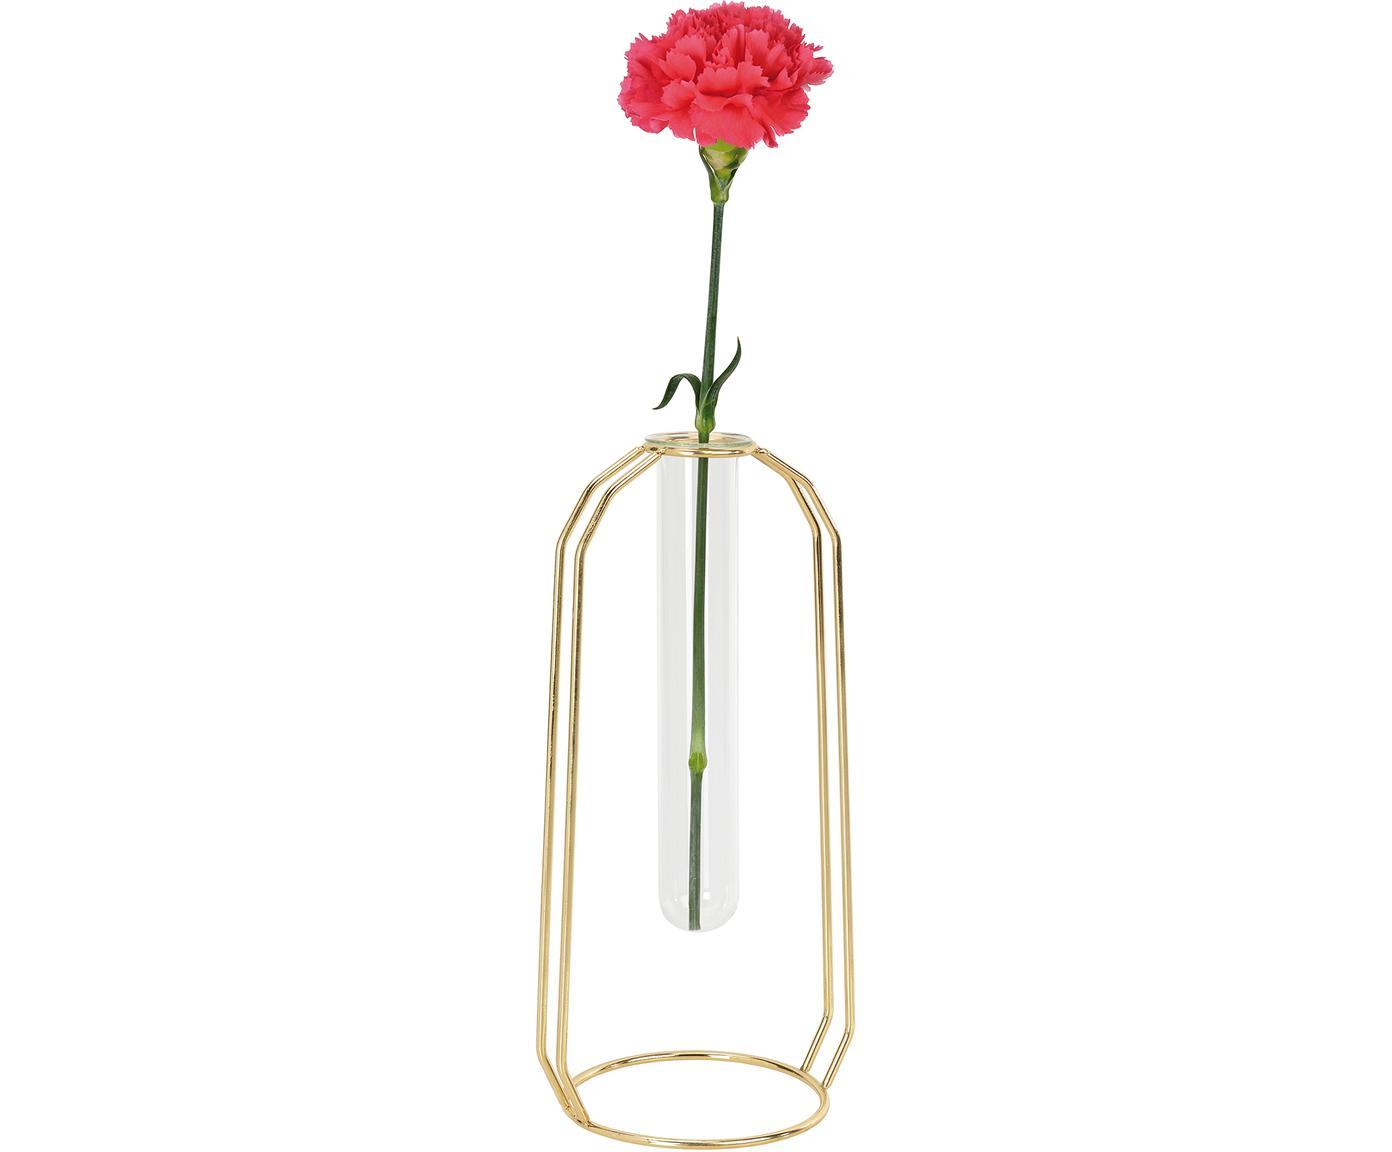 Glas-Vase Meder mit Metallgestell, Gestell: Metall, beschichtet, Goldfarben, Transparent, 12 x 25 cm